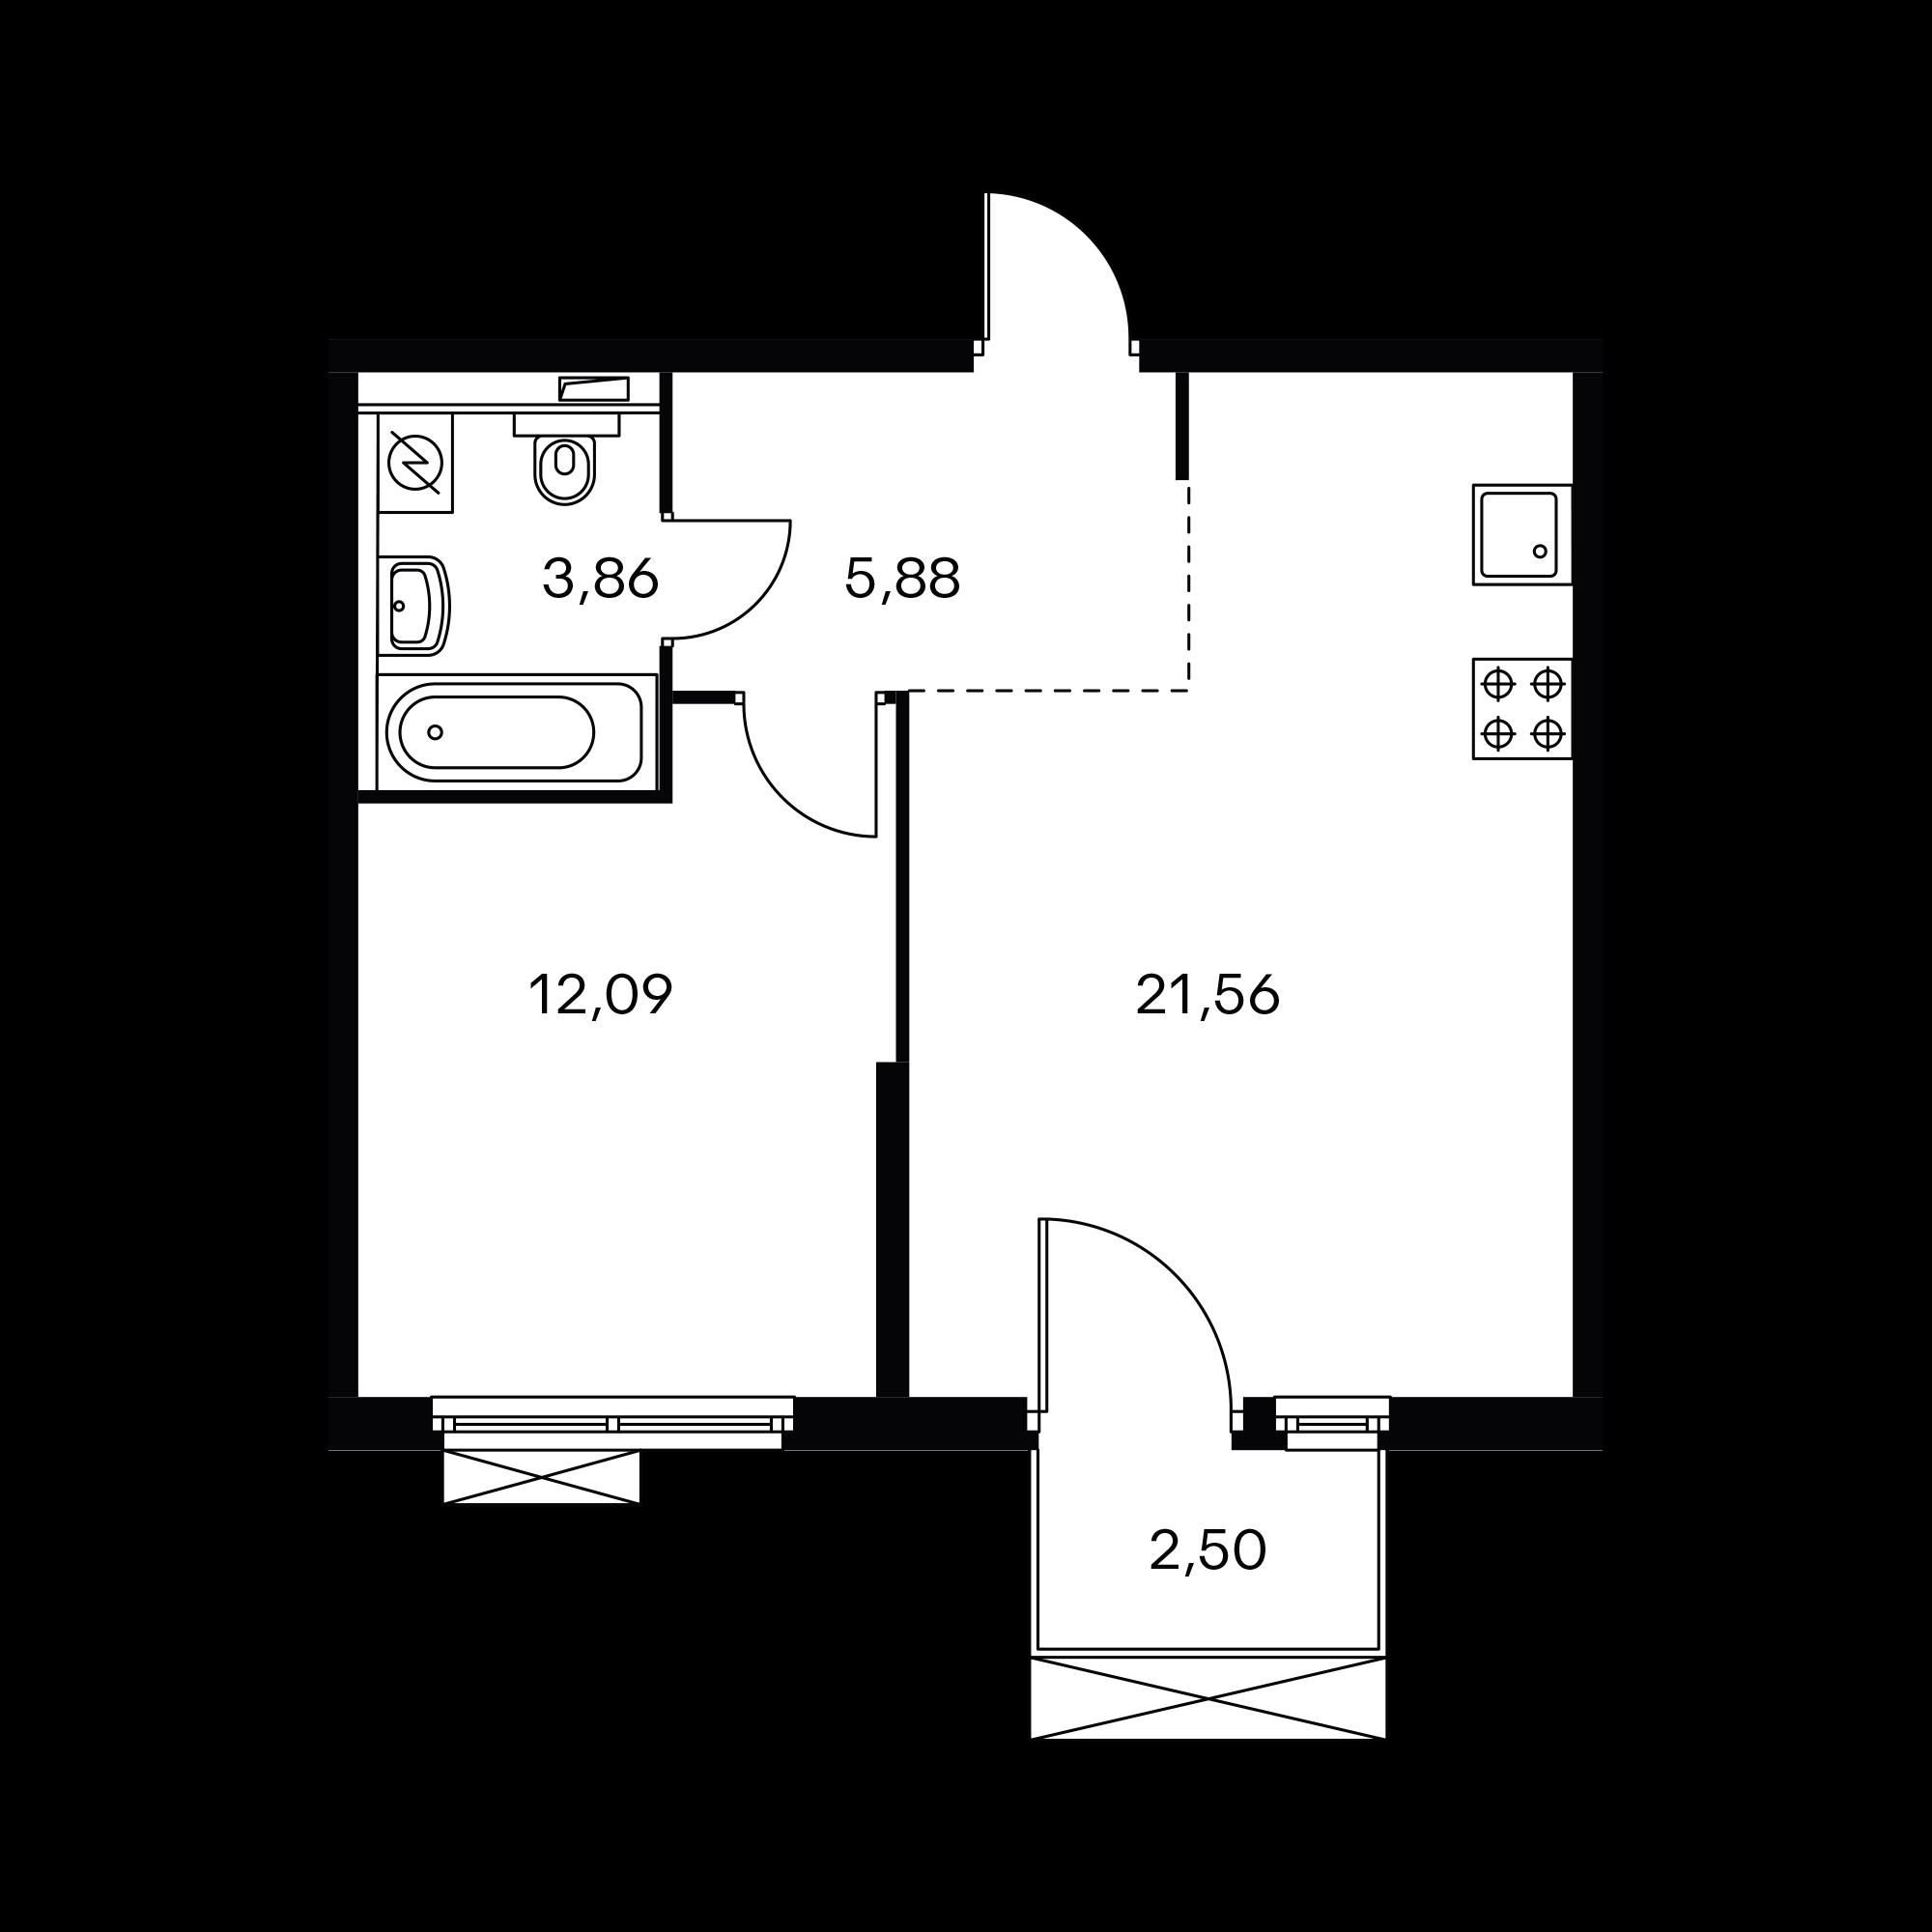 1EL4_7.5-1_B_S_A